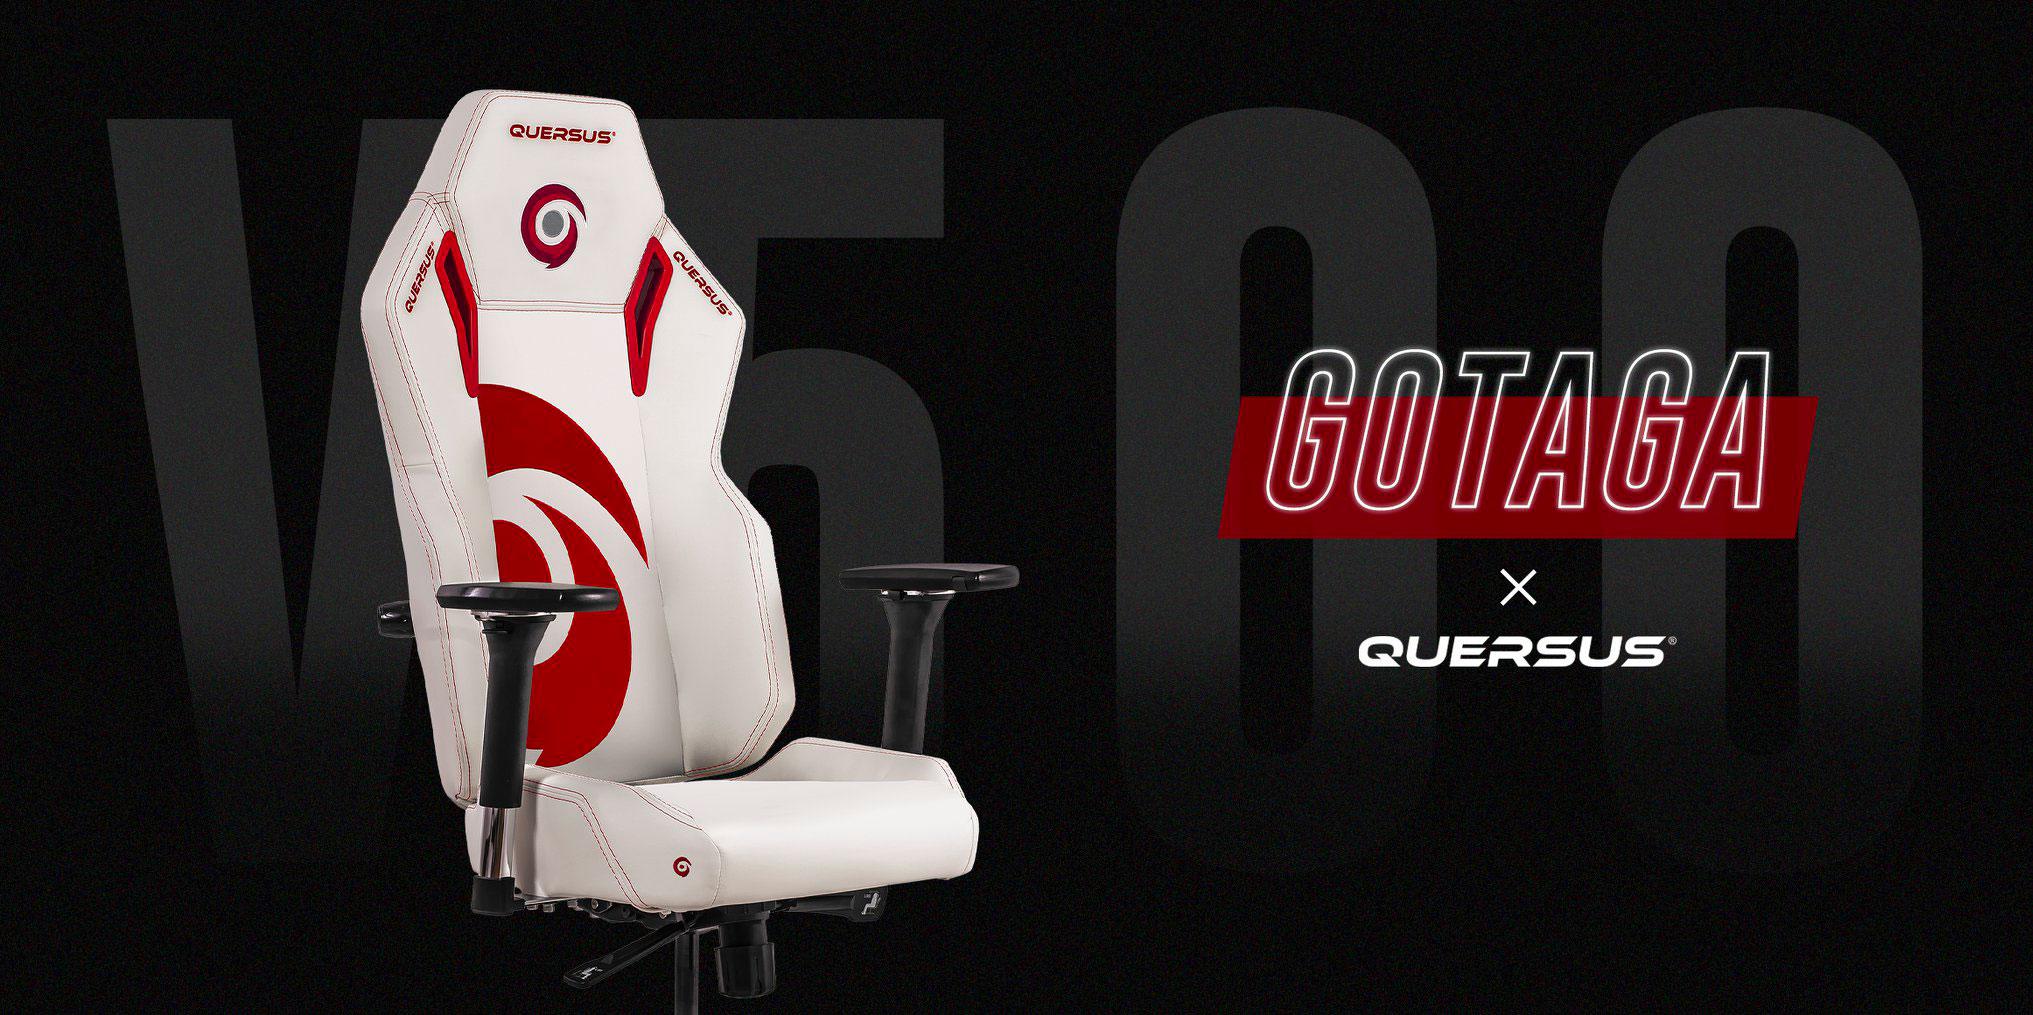 Chaise gamer Quersus (Gotaga) : test et avis